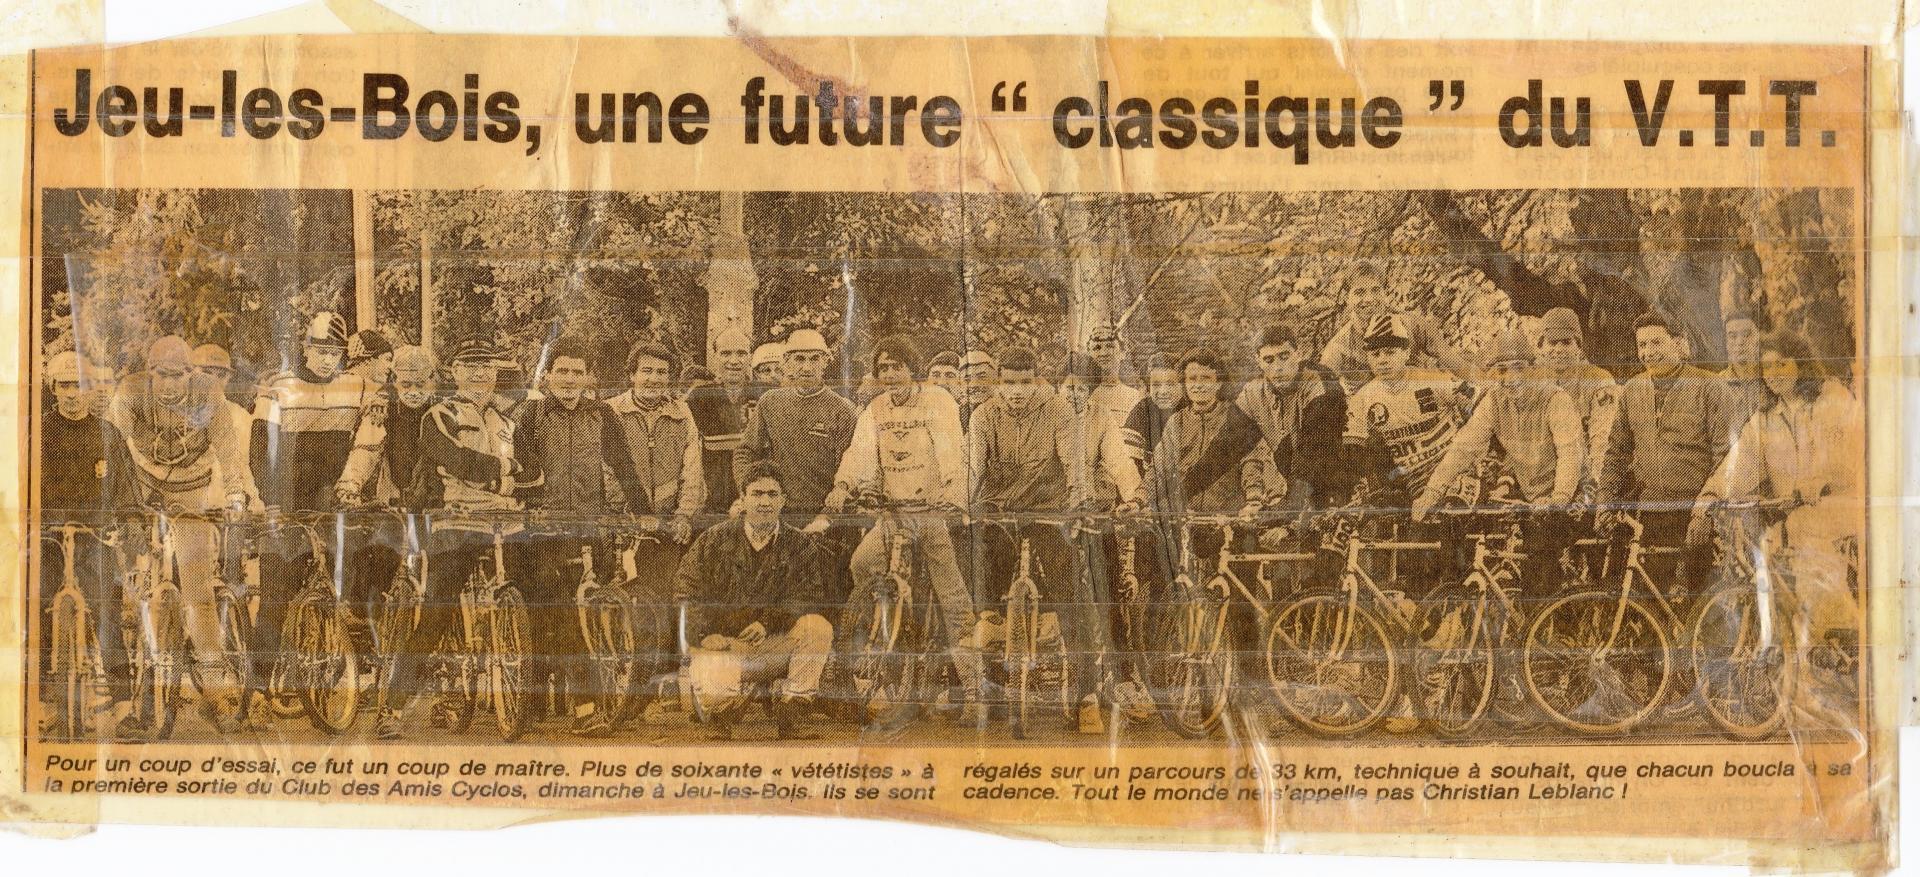 1989 jeu les bois